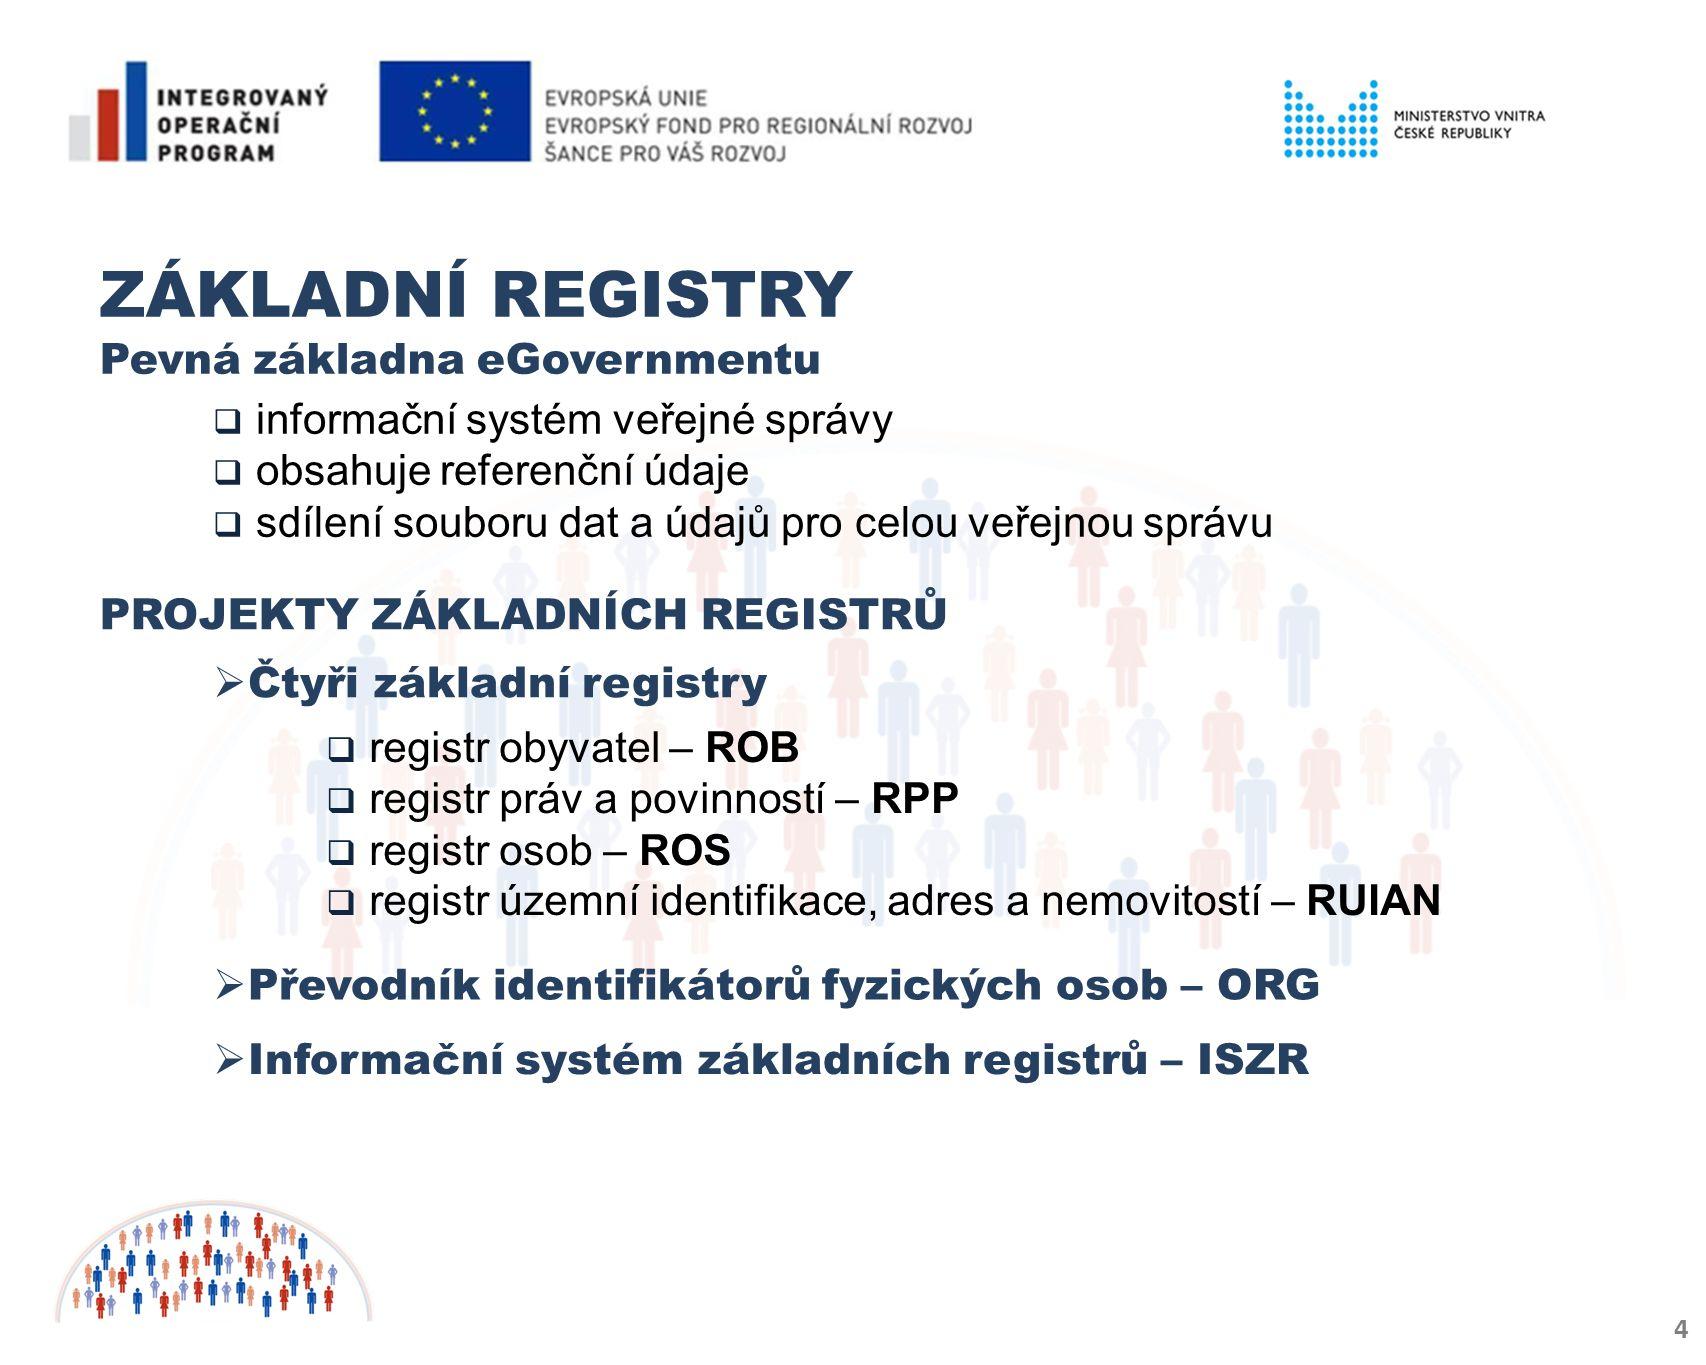 4 ZÁKLADNÍ REGISTRY Pevná základna eGovernmentu  informační systém veřejné správy  obsahuje referenční údaje  sdílení souboru dat a údajů pro celou veřejnou správu  Čtyři základní registry  registr obyvatel – ROB  registr práv a povinností – RPP  registr osob – ROS  registr územní identifikace, adres a nemovitostí – RUIAN  Převodník identifikátorů fyzických osob – ORG PROJEKTY ZÁKLADNÍCH REGISTRŮ  Informační systém základních registrů – ISZR